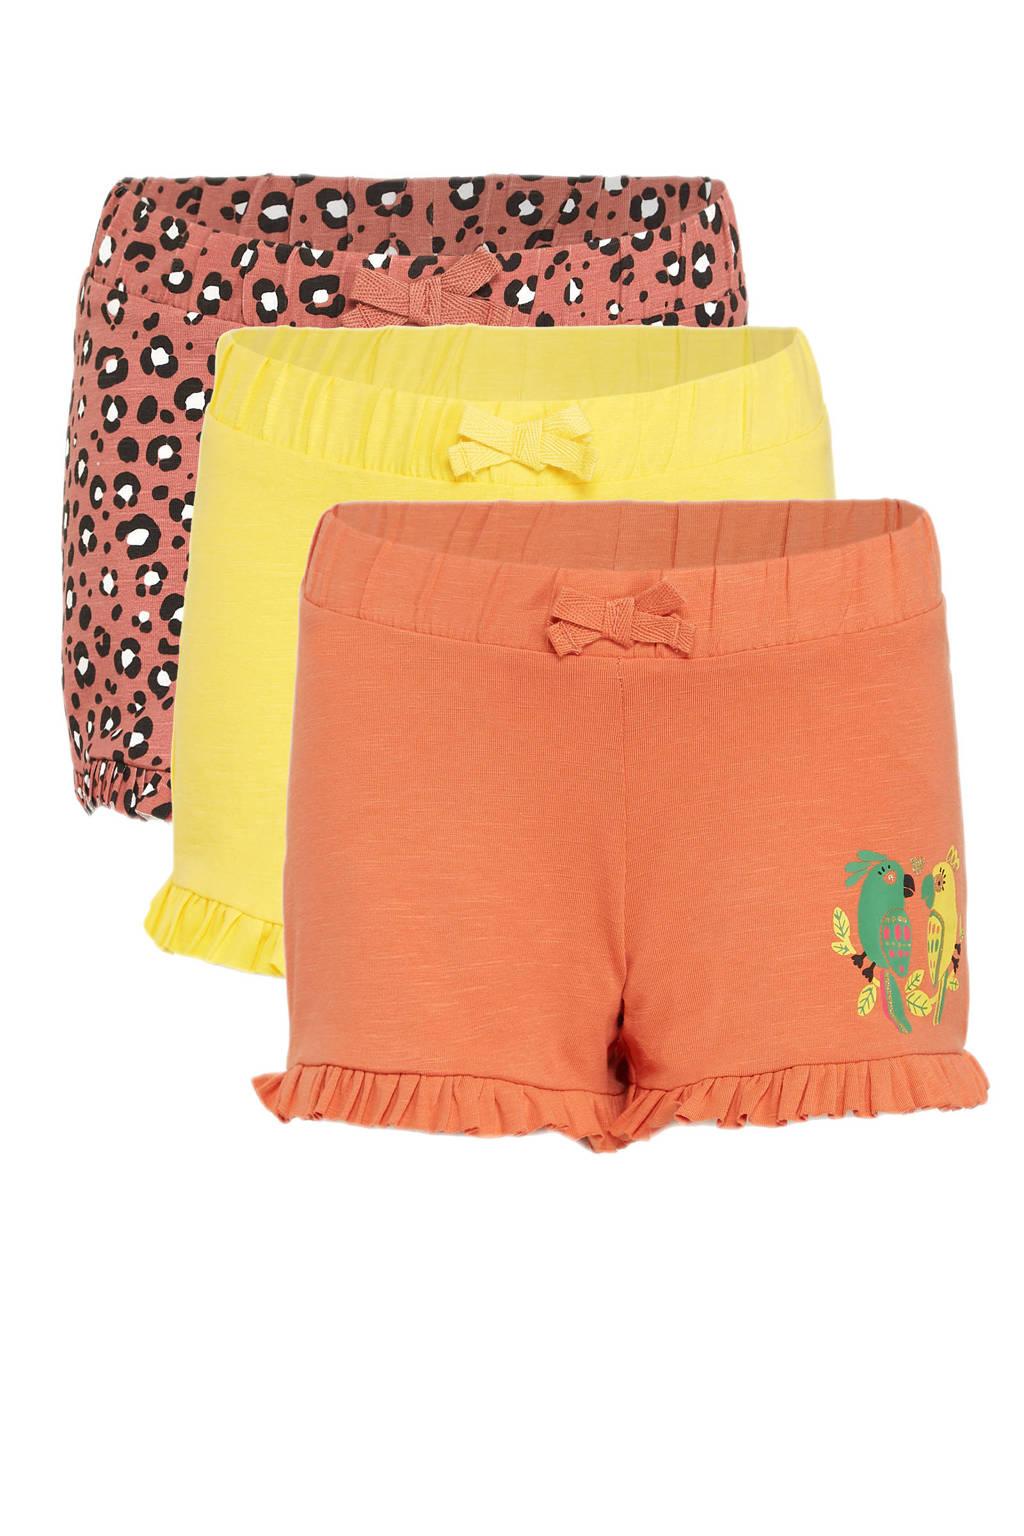 C&A Happy girls Club korte broek - set van 3 geel/oranje/brique, Oranje/geel/brique